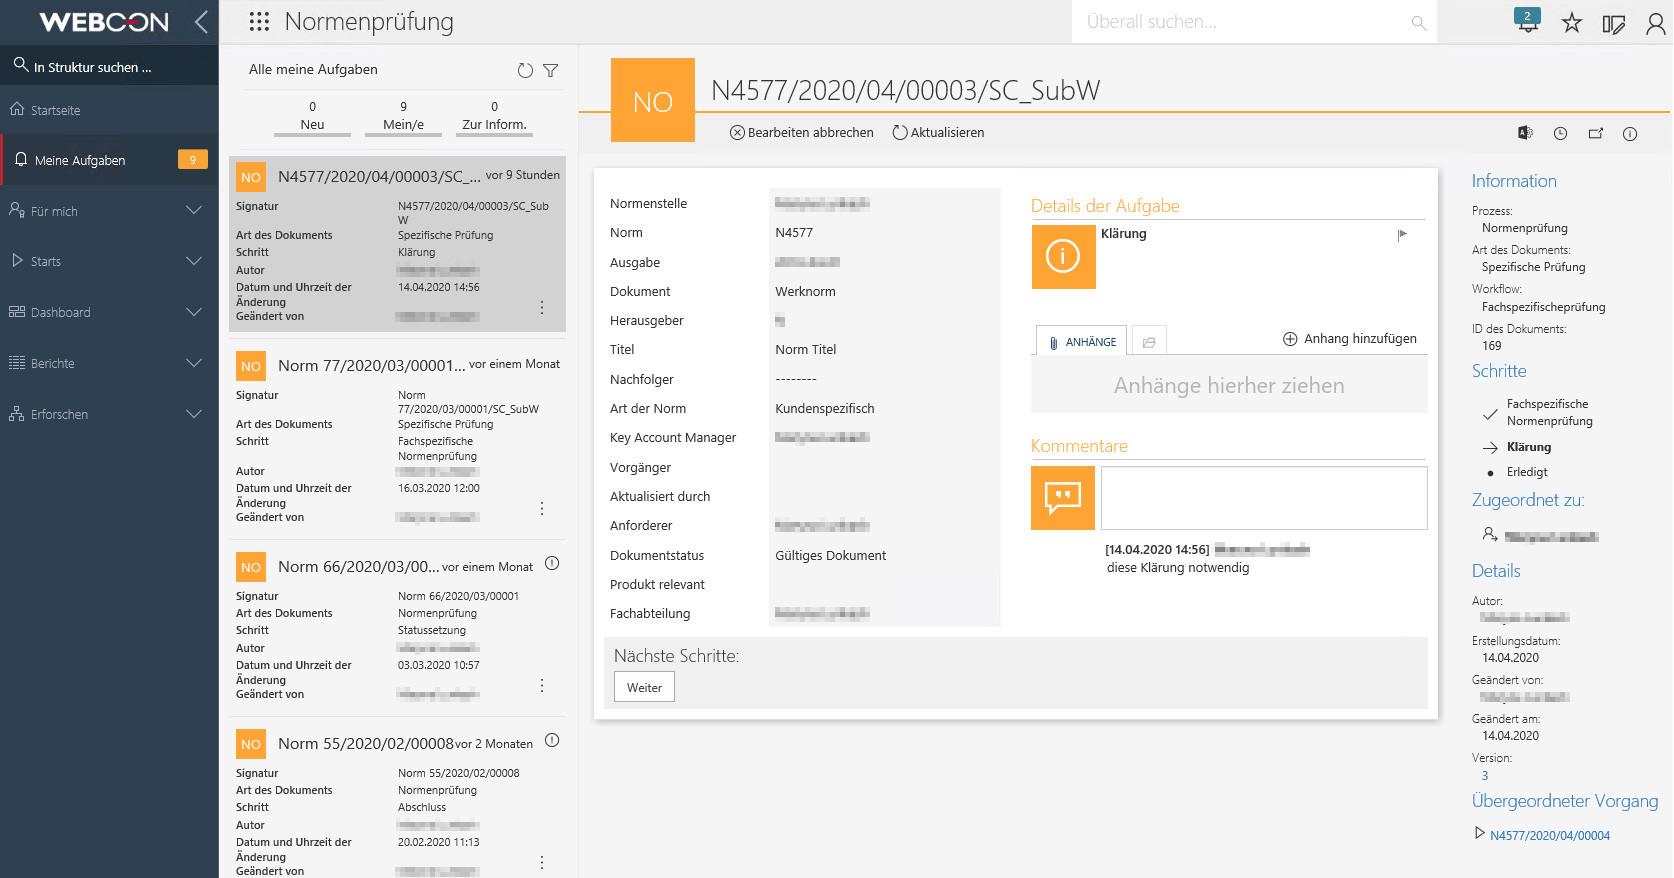 Werksnormen-Prüfung digitalisieren: Benutzer Aufgaben im Sub-Workflow